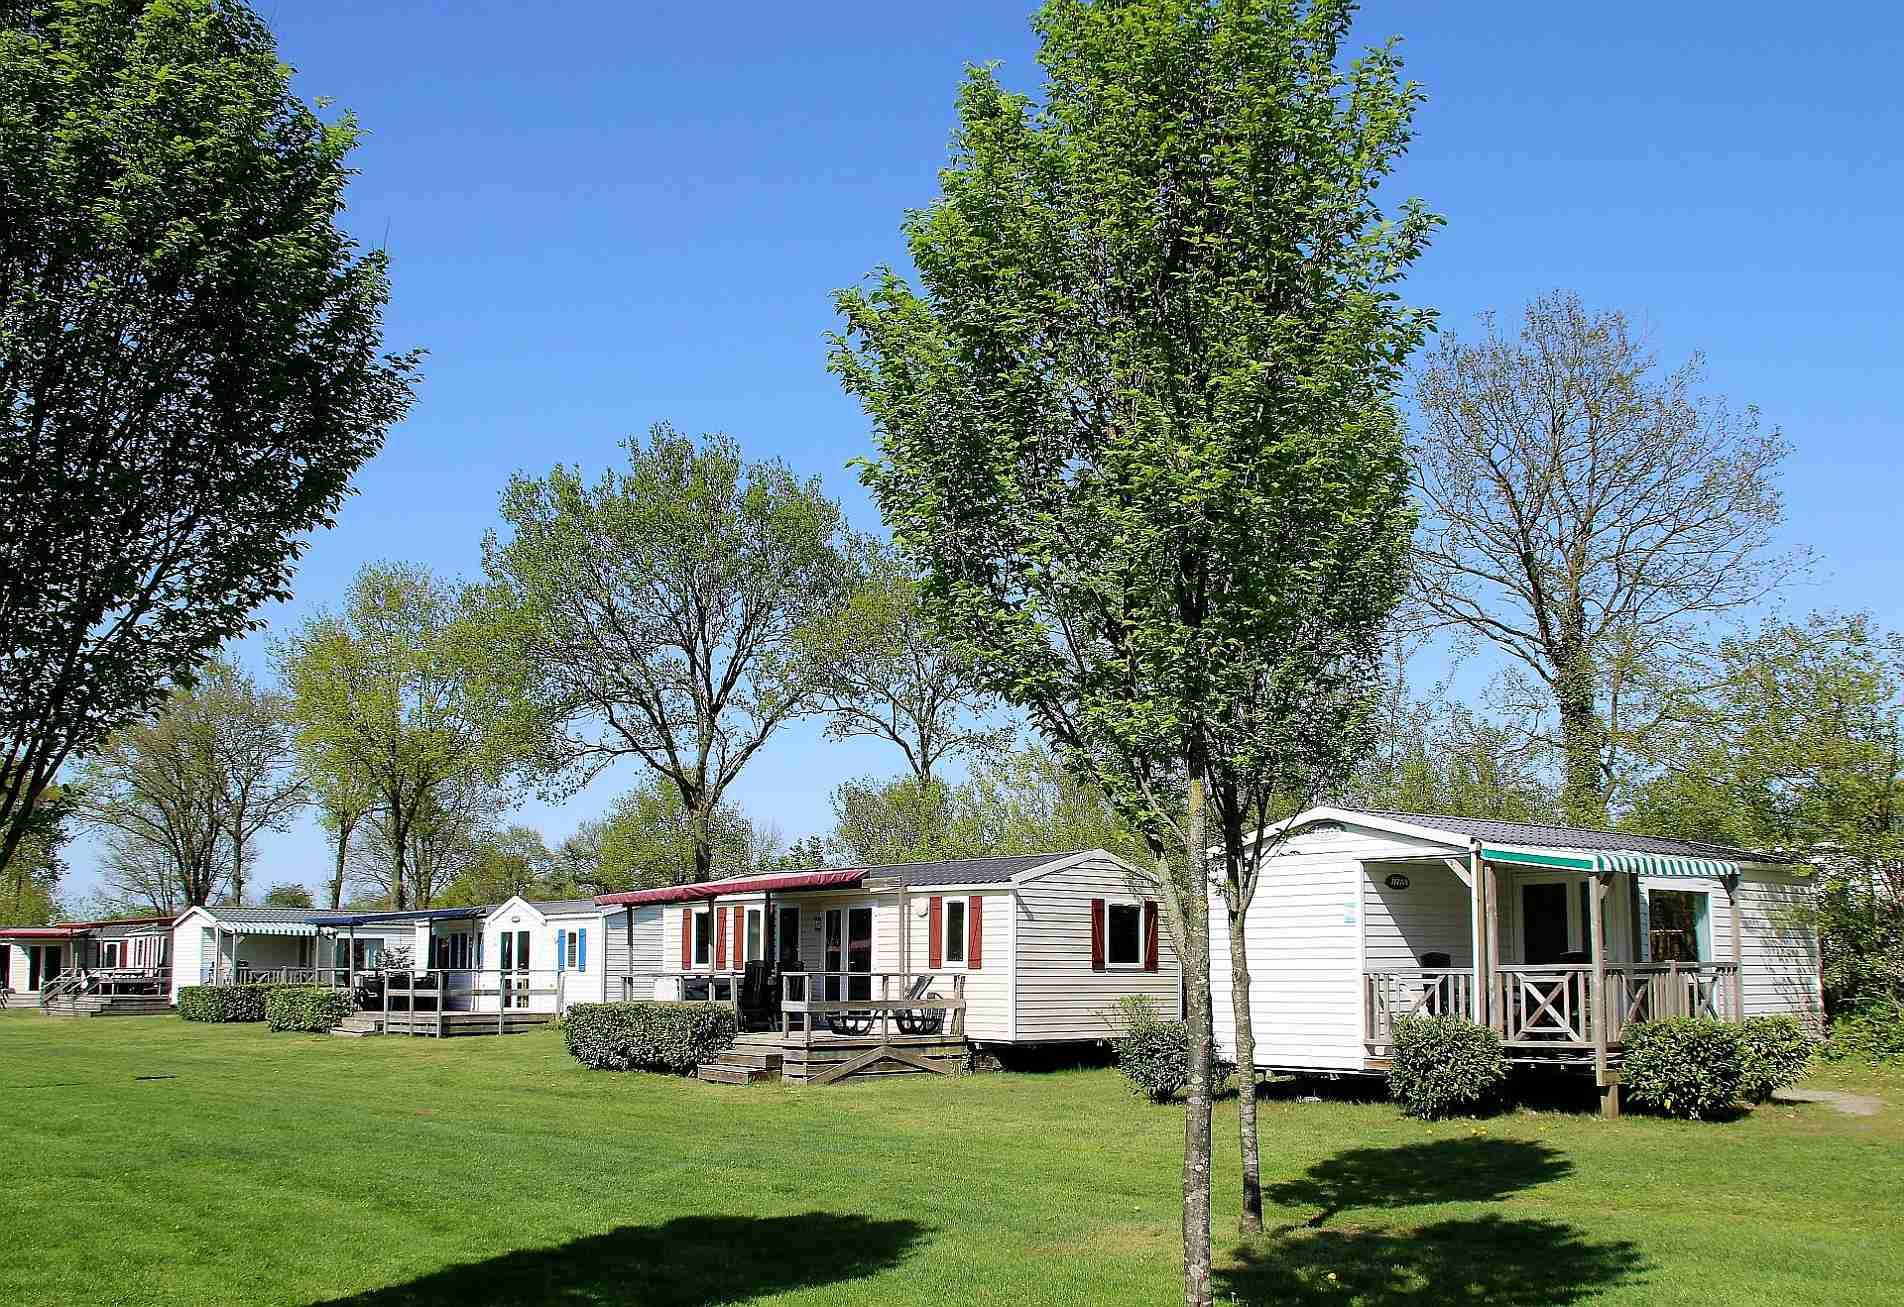 5-Sterne Ferienpark in Overijssel mit großem Badesee - ANWB Ferienpark in Overijssel